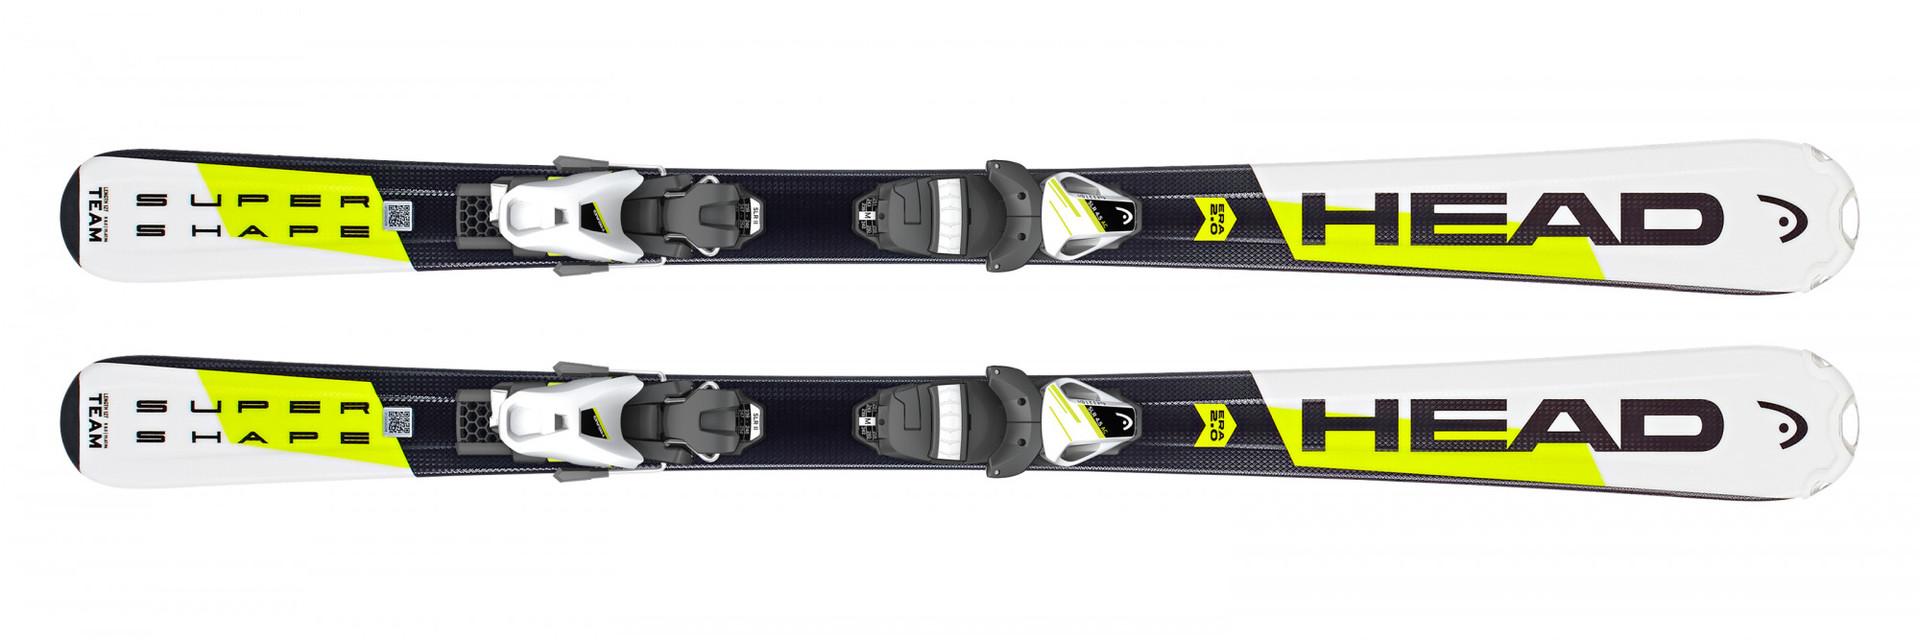 Детские горные лыжи Head Supershape Team SLR2  (67-107) + Крепление SLR 4.5 AC  размер 77 (2019)